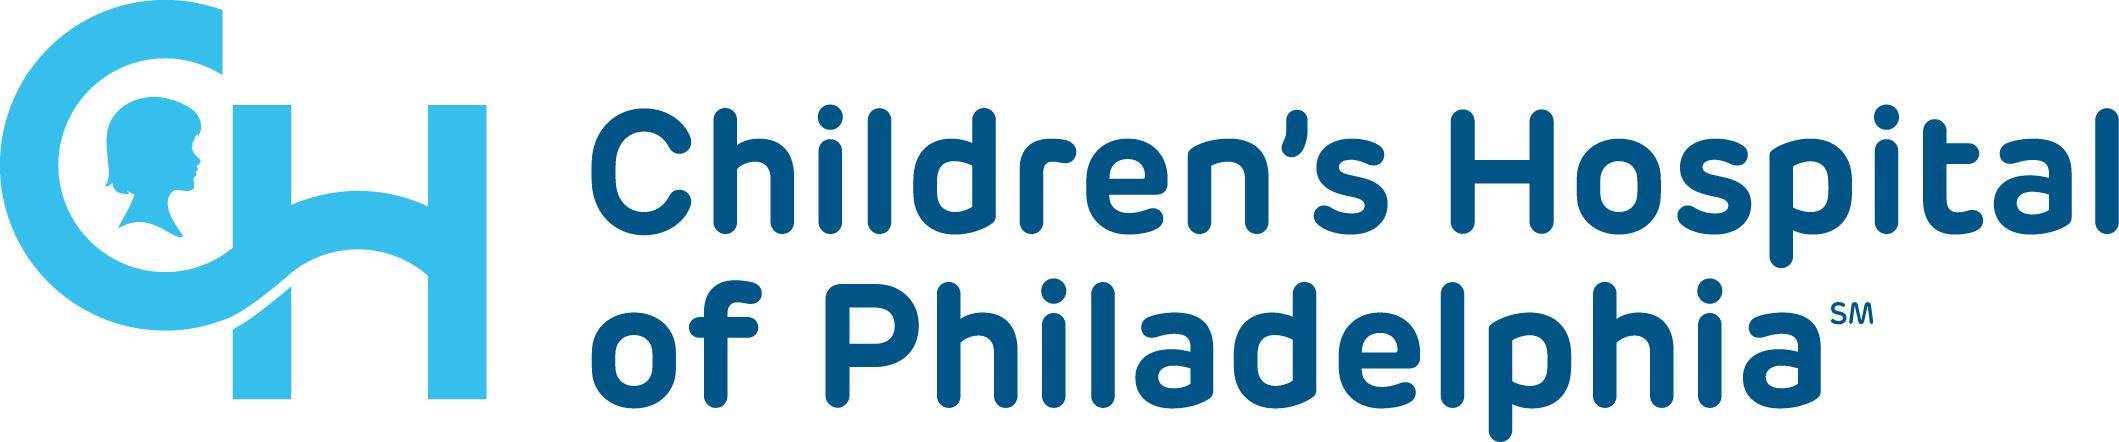 Children's Hospital of Philadelphia's Logo